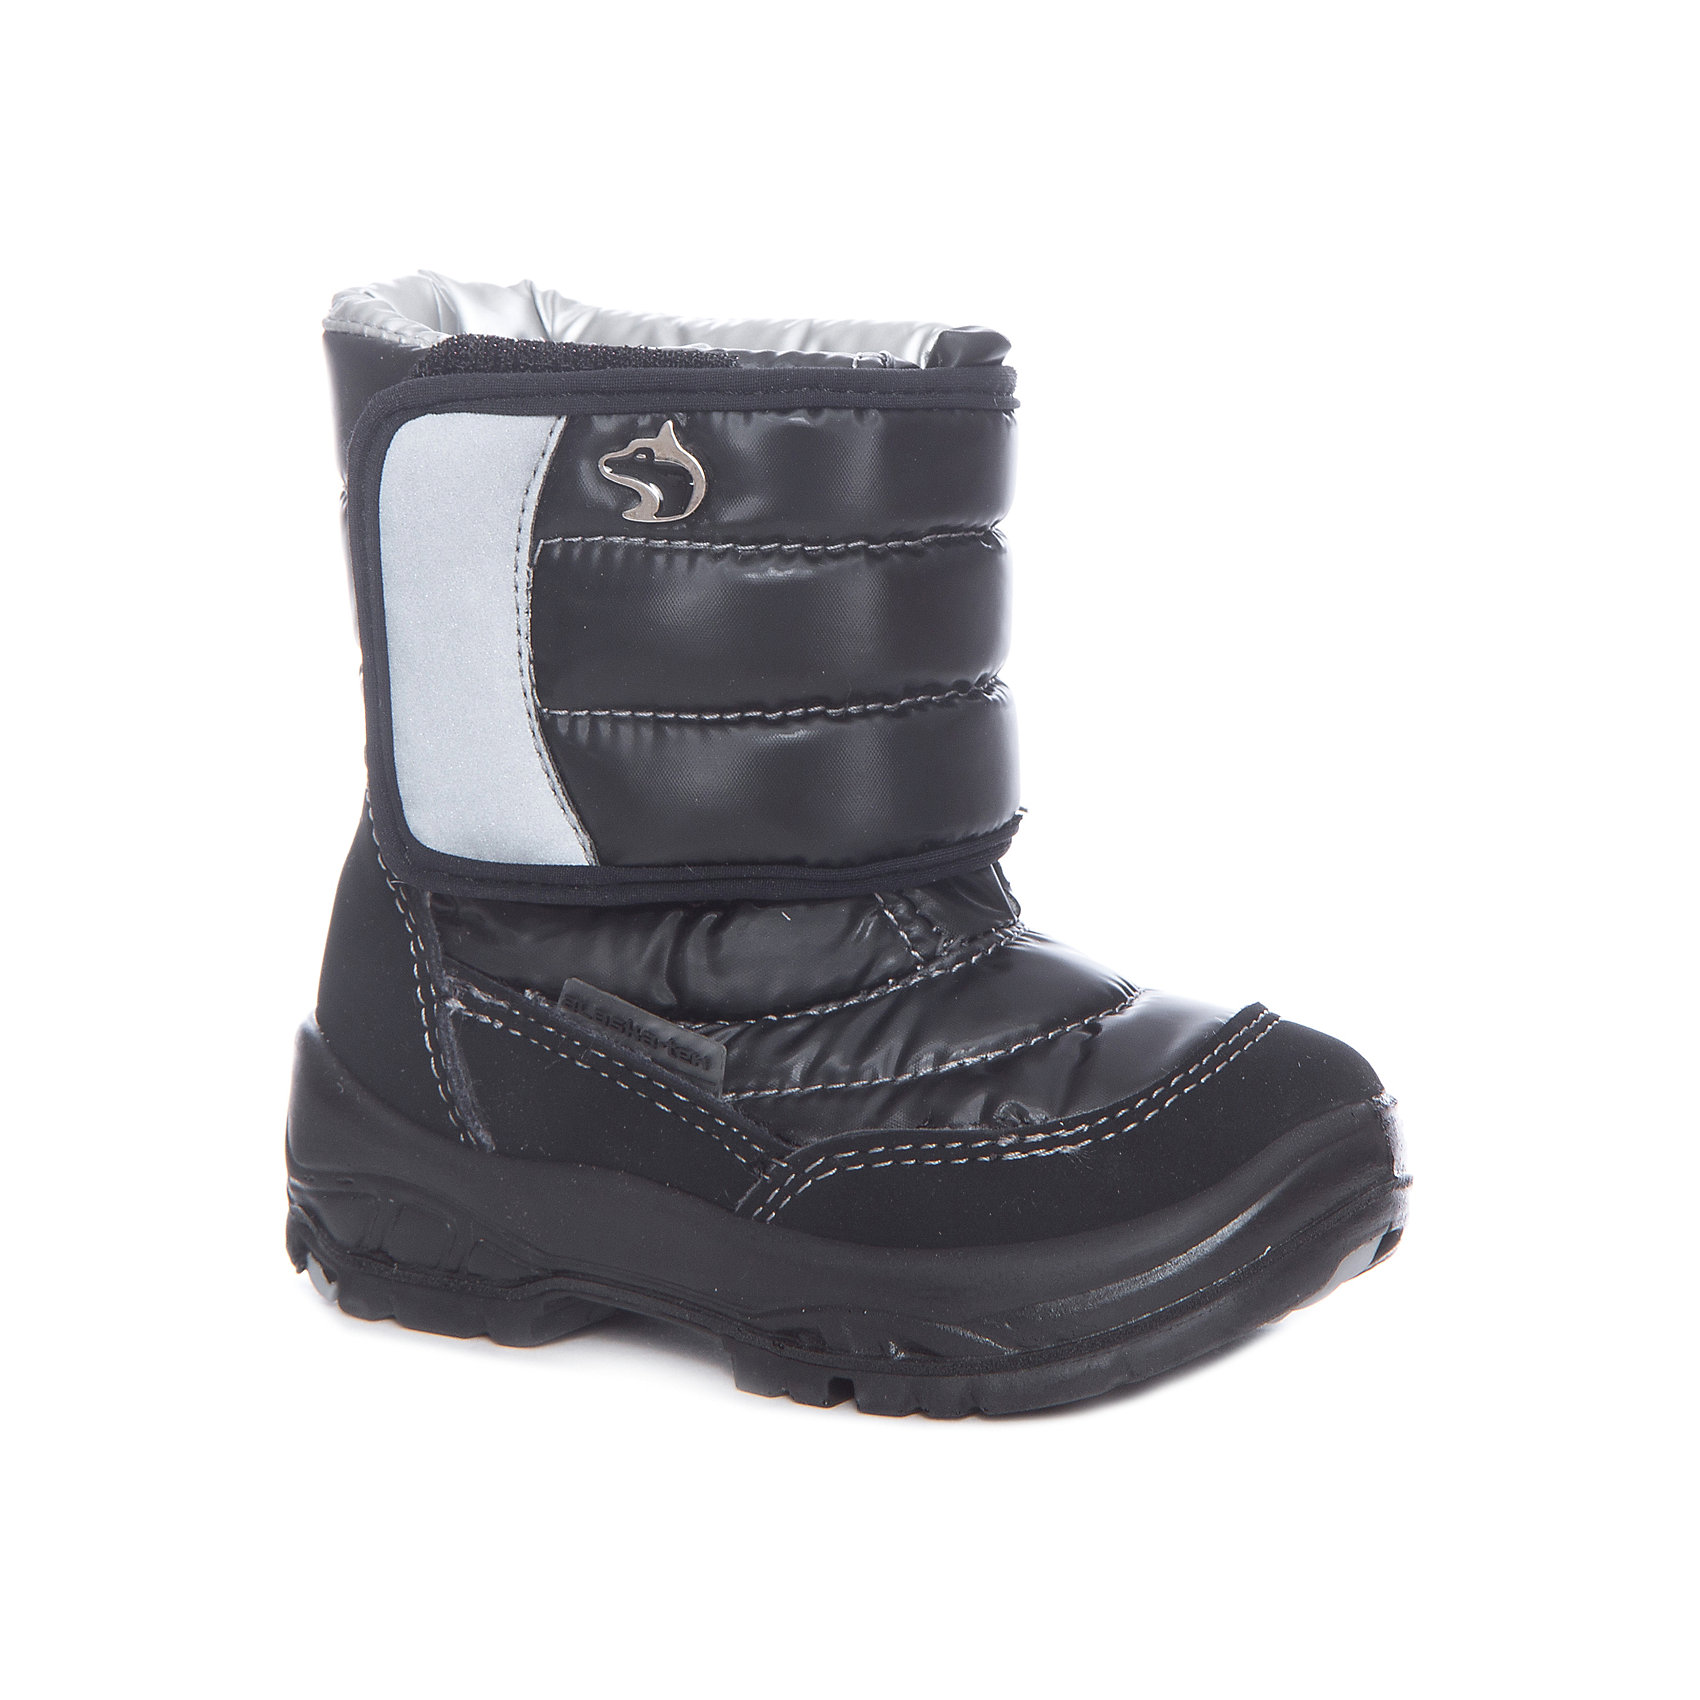 Сапоги для мальчика Alaska OriginaleСапоги для мальчика Alaska Originale<br>Зимняя обувь с мембранным слоем для активных прогулок. Температурный режим от 0 до -25С.<br>Состав: Верх:54%ПЭ;46%ПА ; Подкладка:100%овечья шерсть Подошва:Полиуретан+Термополиуретан<br><br>Ширина мм: 257<br>Глубина мм: 180<br>Высота мм: 130<br>Вес г: 420<br>Цвет: черный<br>Возраст от месяцев: 24<br>Возраст до месяцев: 36<br>Пол: Мужской<br>Возраст: Детский<br>Размер: 26,27,25,24,23,22,21,20<br>SKU: 5134372